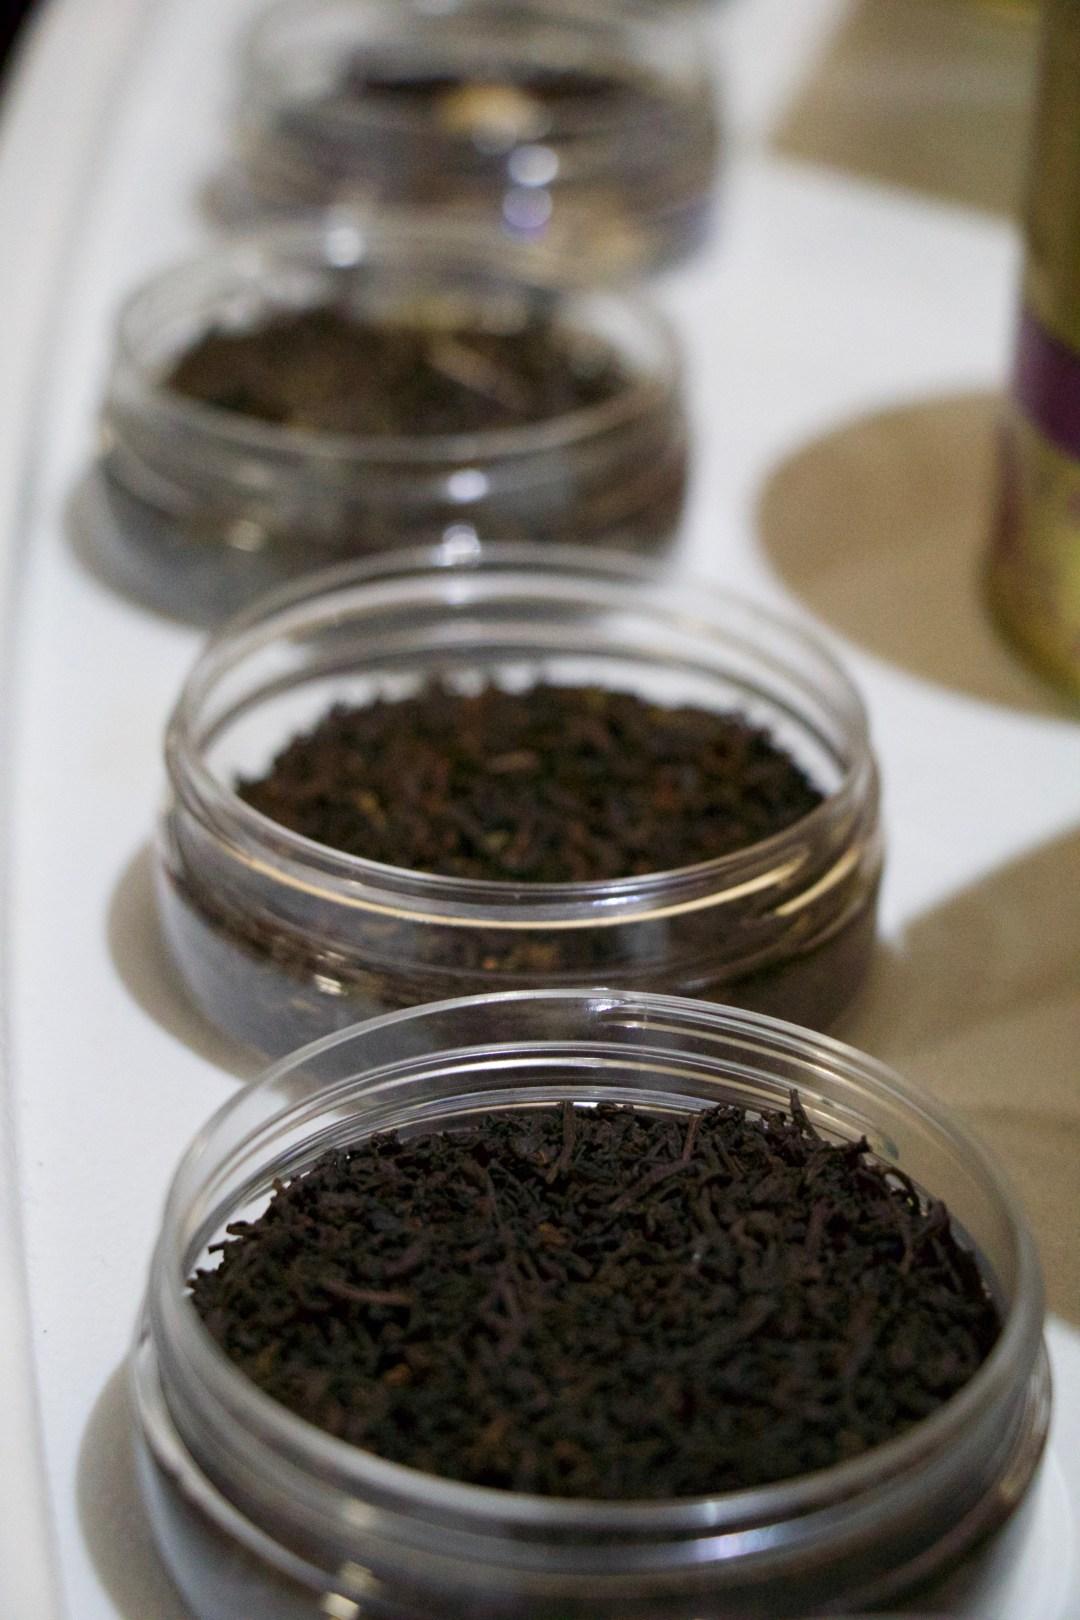 Hyson teas